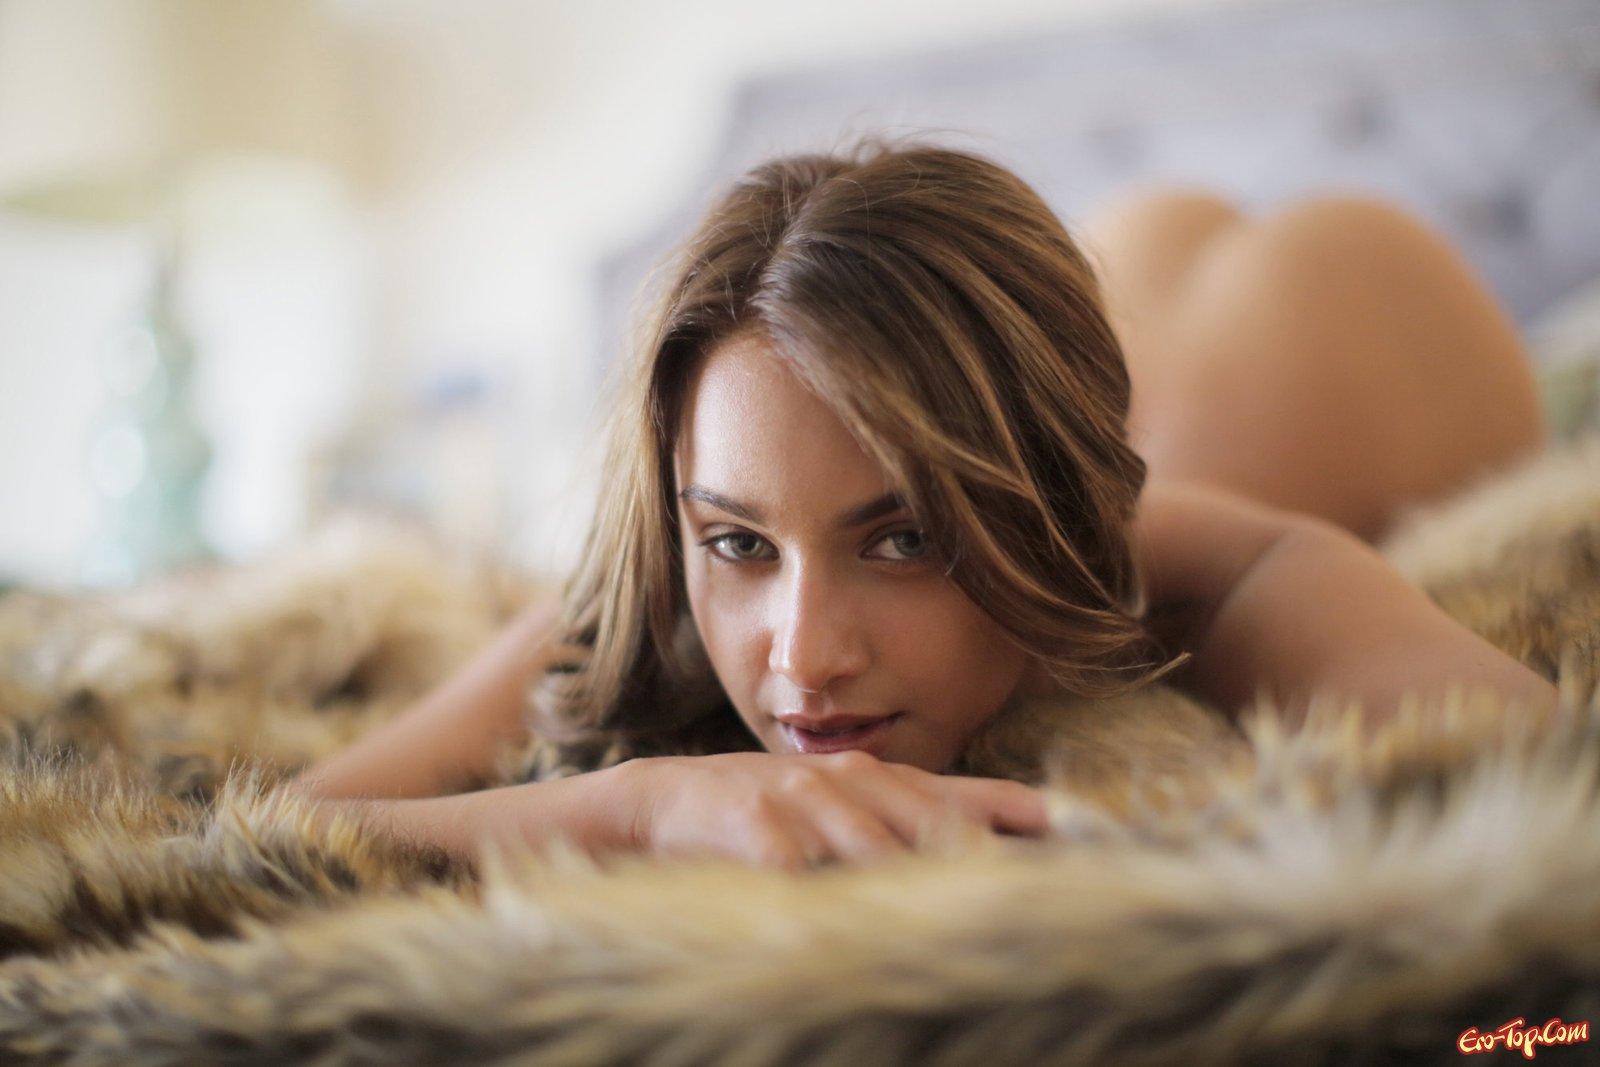 Роскошная сучка обножилась смотреть эротику